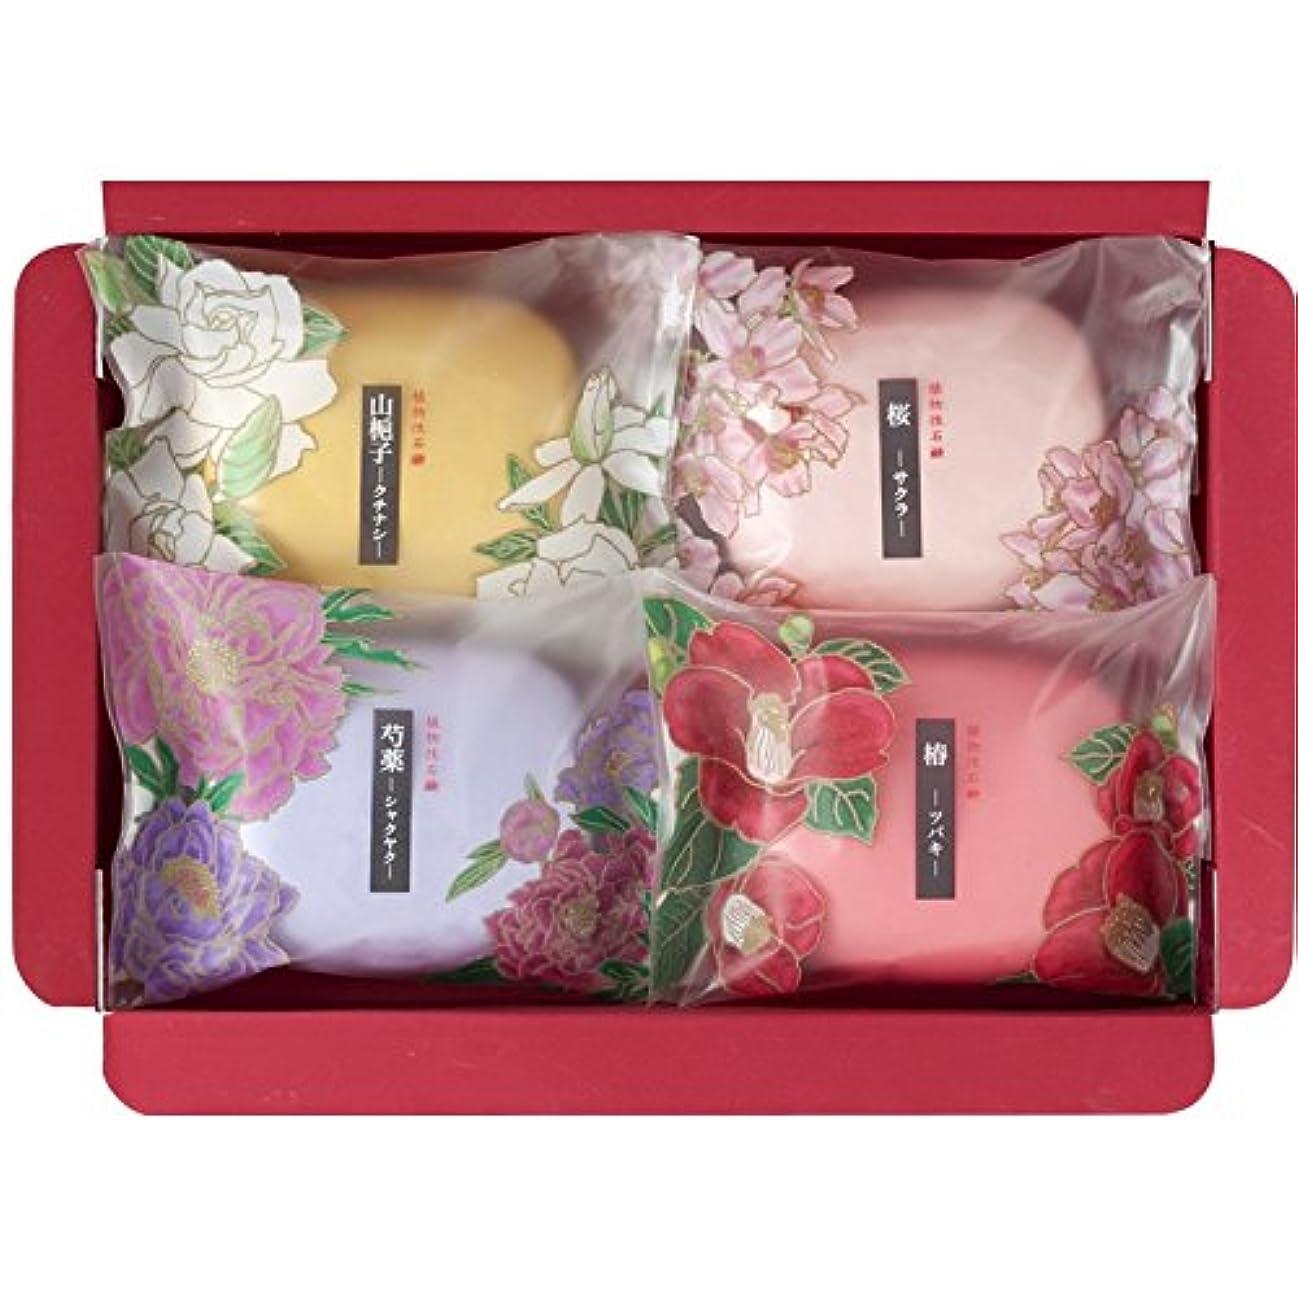 コテージ肝宗教的な彩花だより 【固形 ギフト せっけん あわ いい香り いい匂い うるおい プレゼント お風呂 かおり からだ きれい つめあわせ 日本製 国産 500】